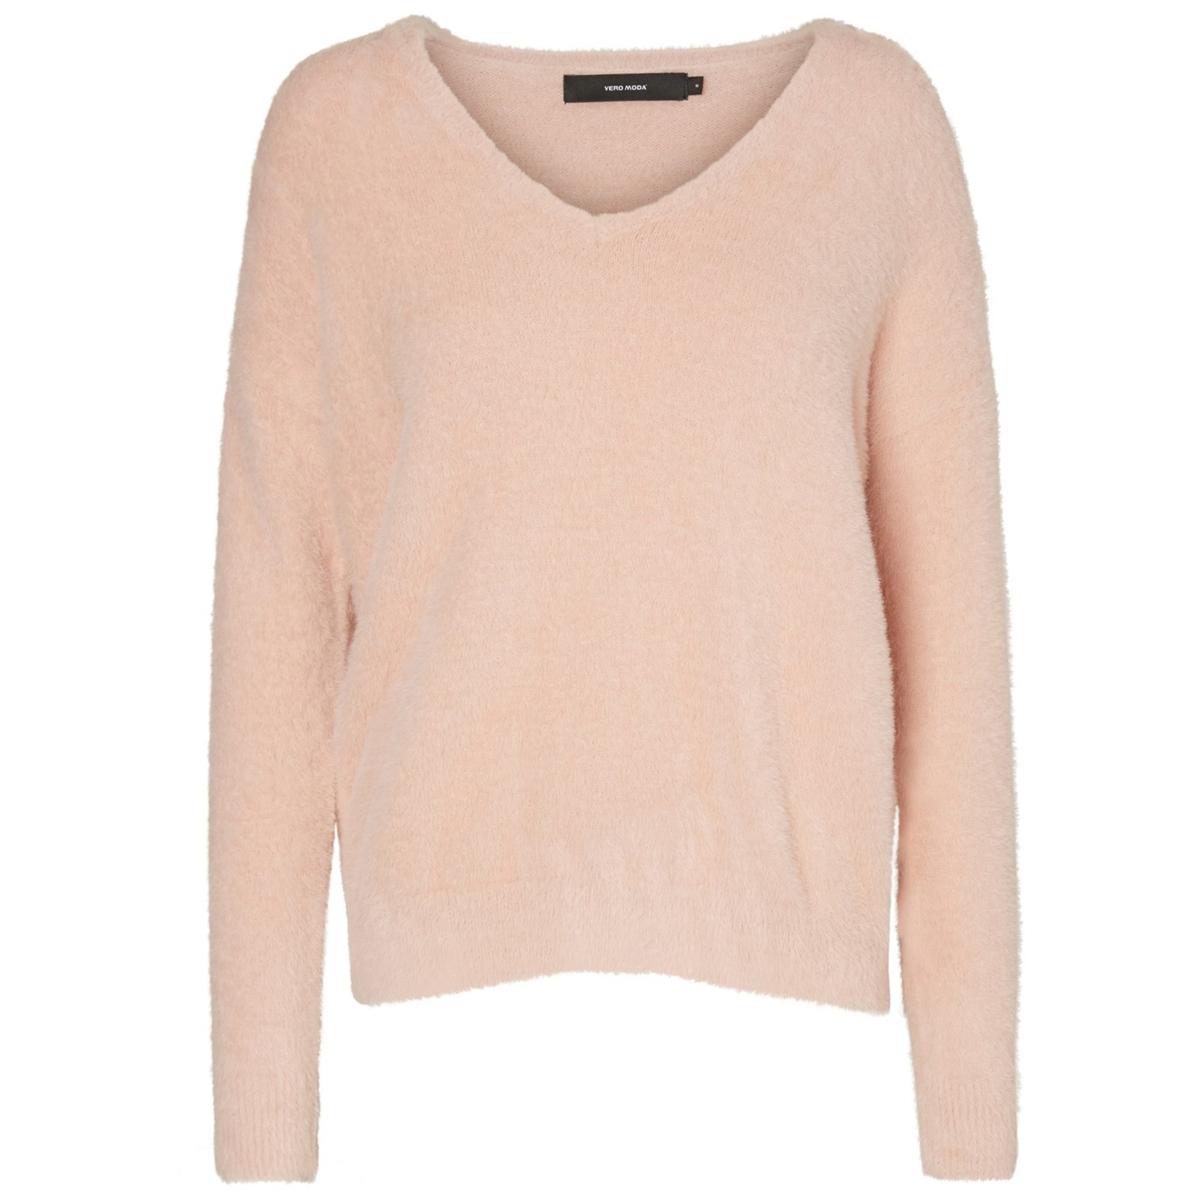 Пуловер с V-образным вырезом из тонкого трикотажаОписание:Детали •  Длинные рукава •   V-образный вырез •  Тонкий трикотаж Состав и уход •  100% полиамид  •  Следуйте советам по уходу, указанным на этикетке<br><br>Цвет: розовый<br>Размер: XS.S